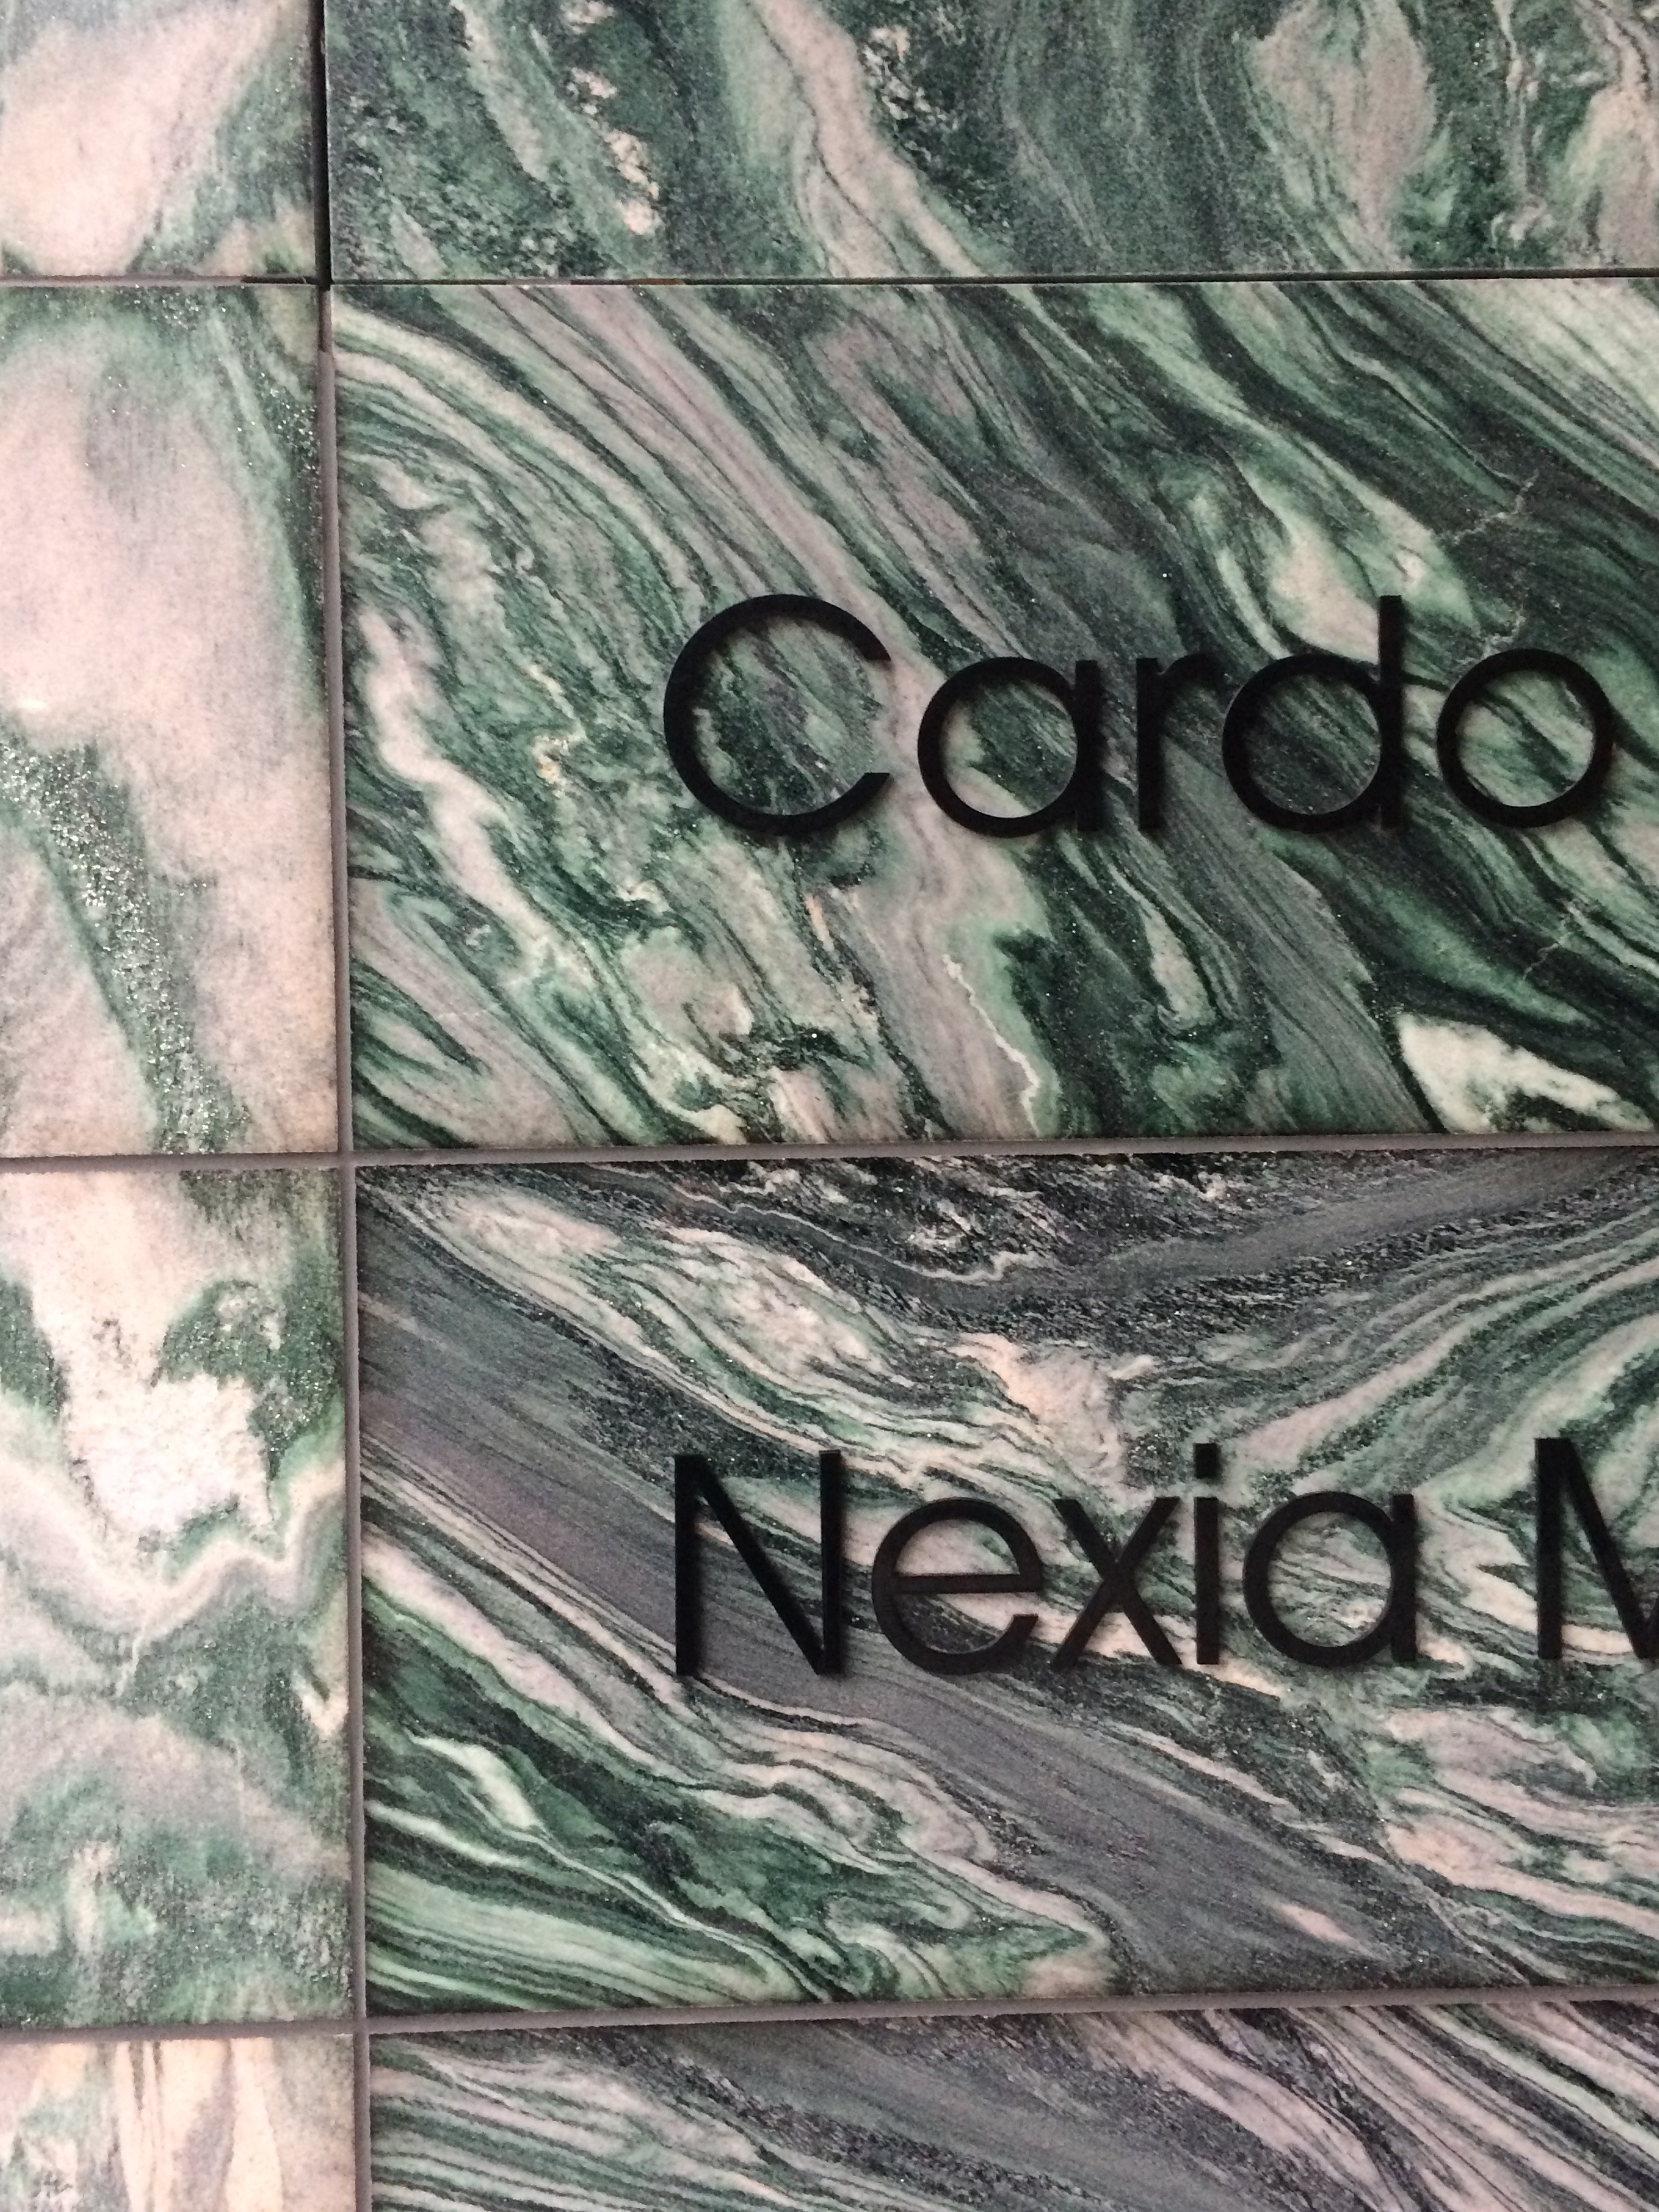 Oslo, mere grøn marmor til alle